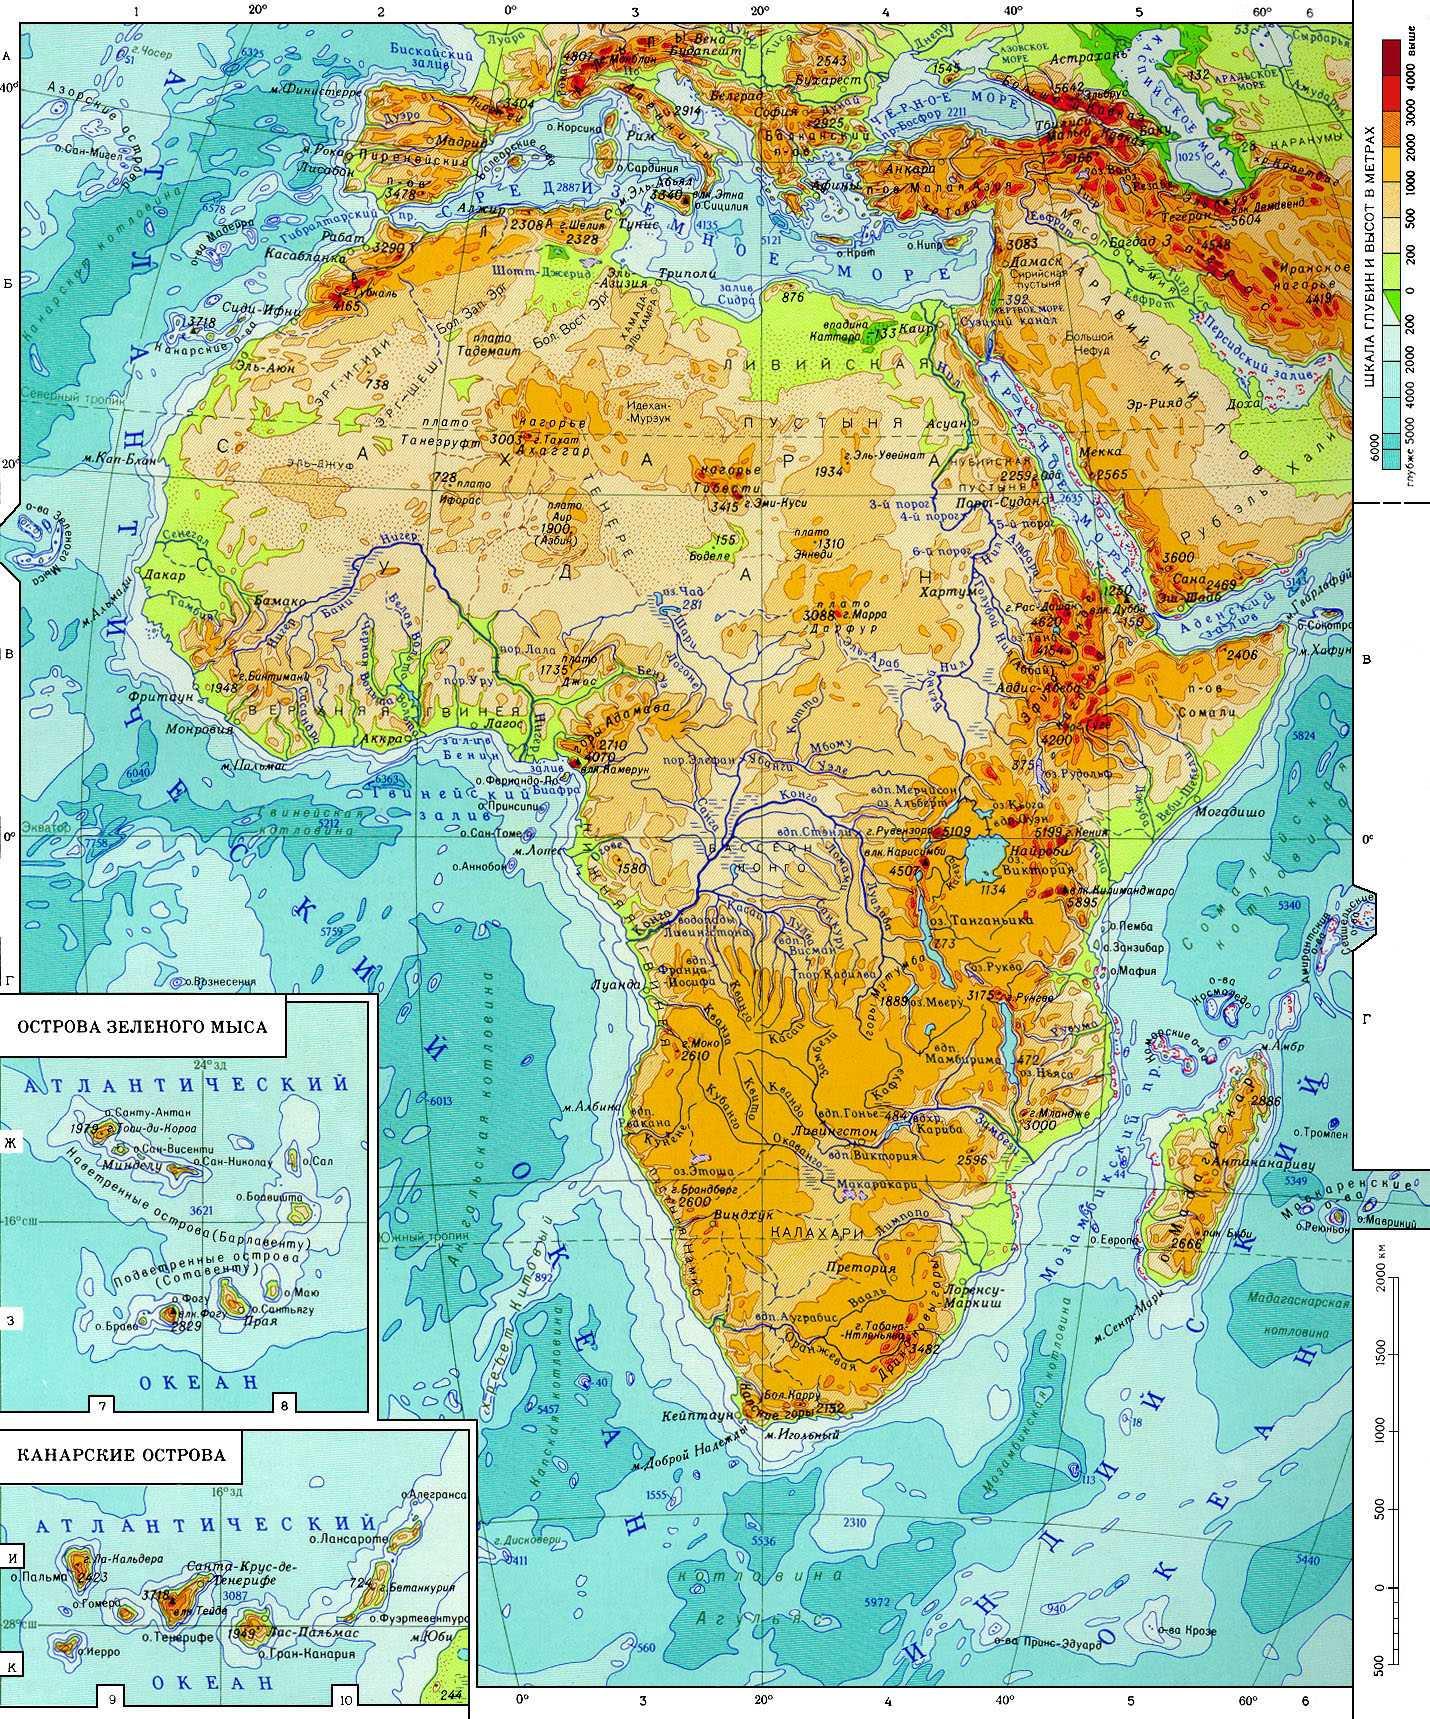 Высота над уровнем моря карта по странам